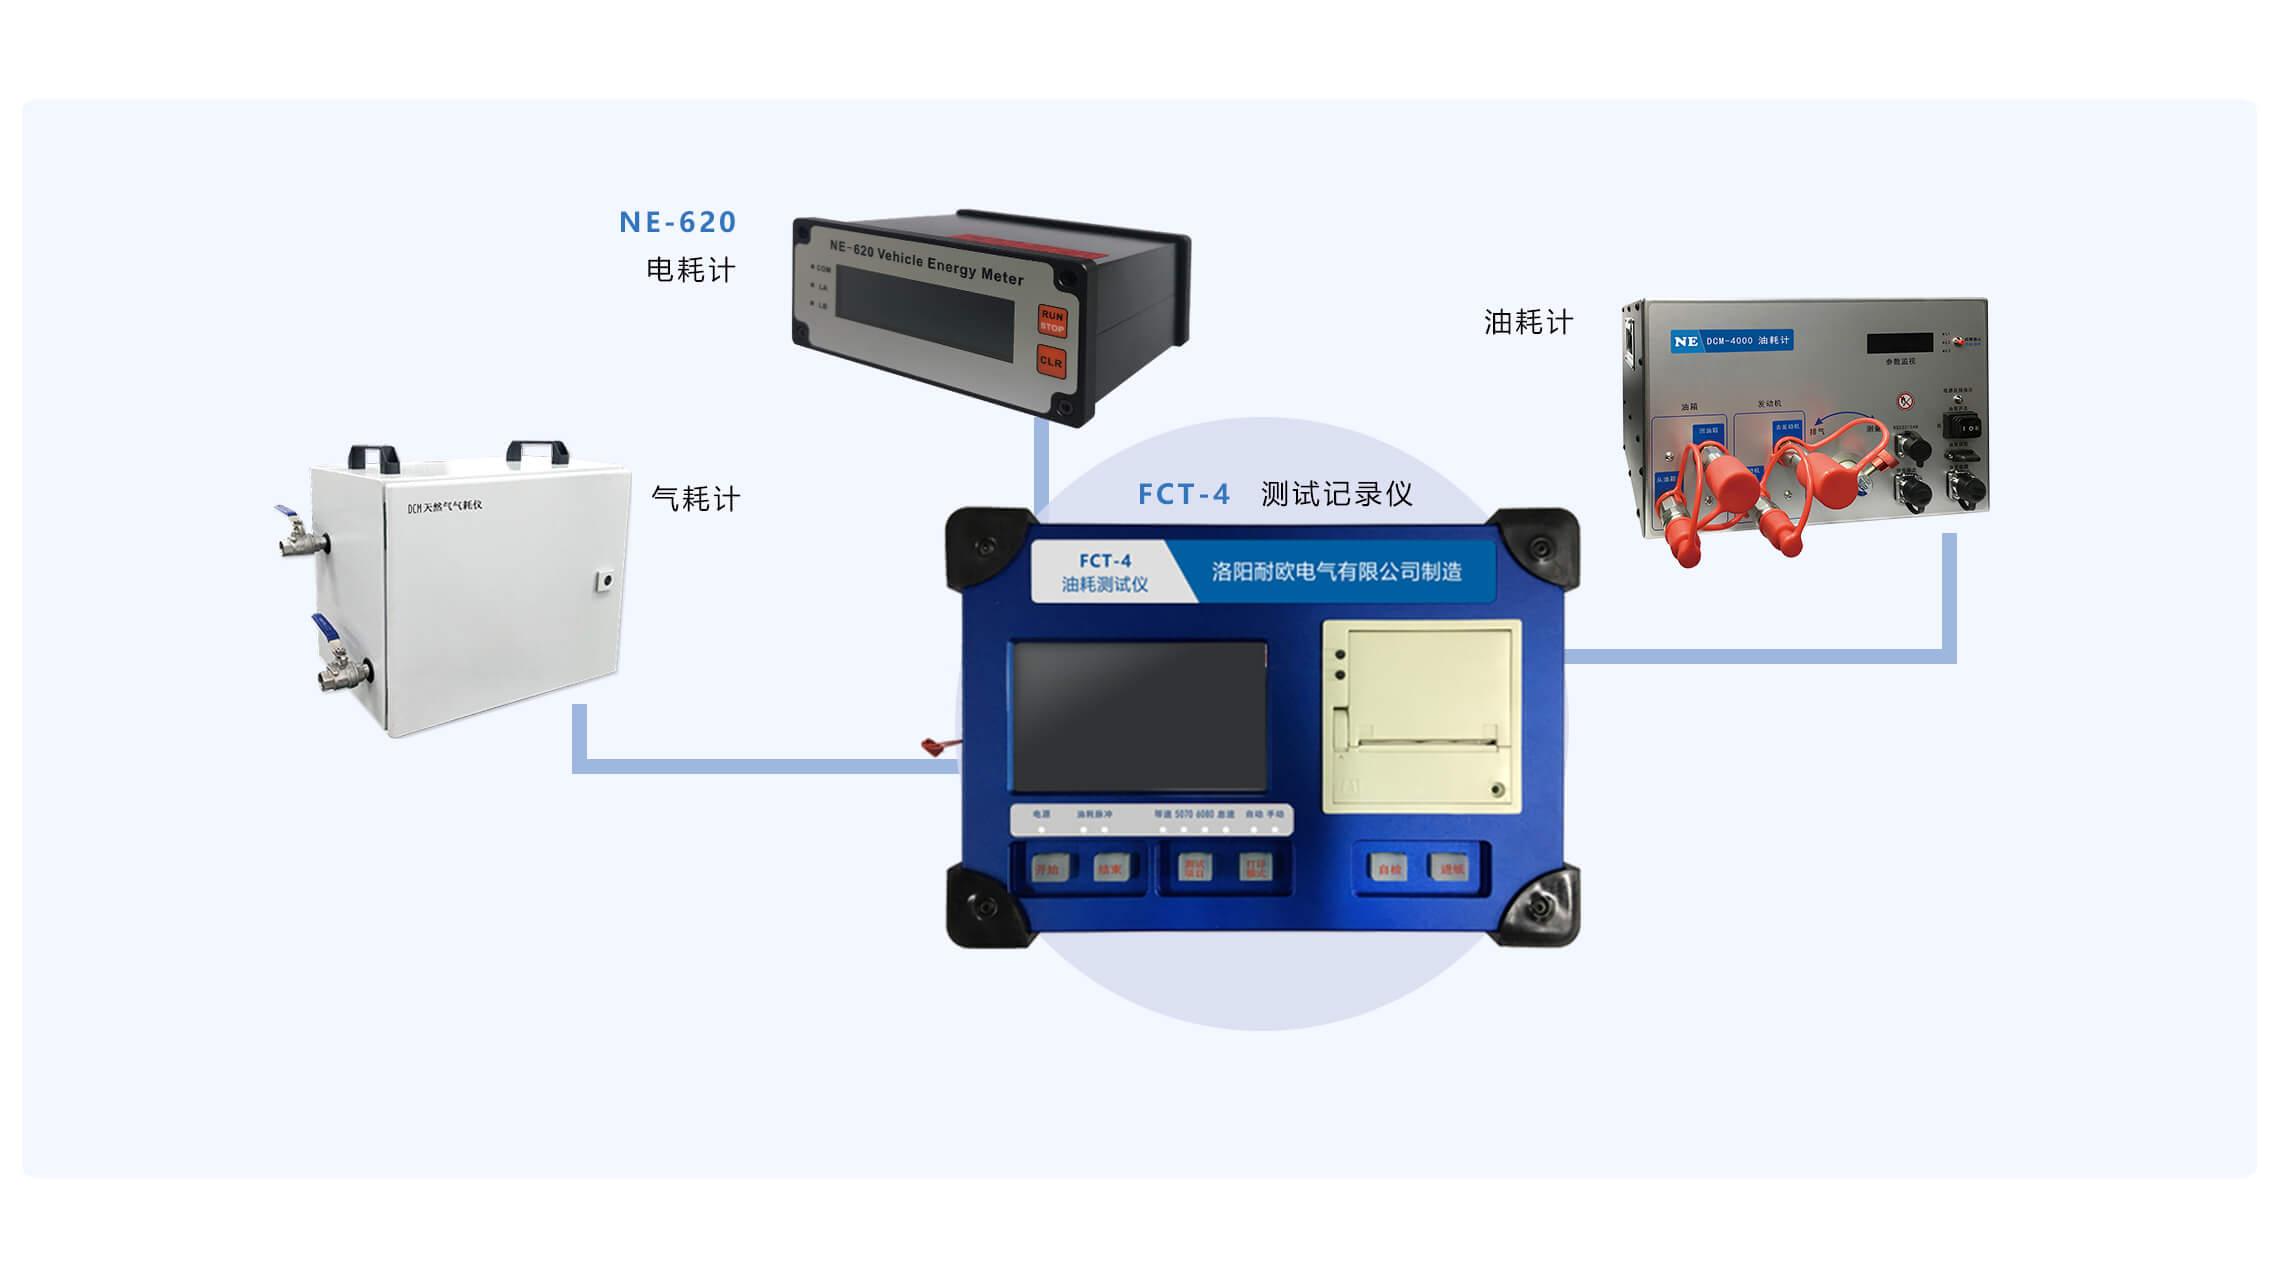 工况油耗/气耗/电耗测试系统配置